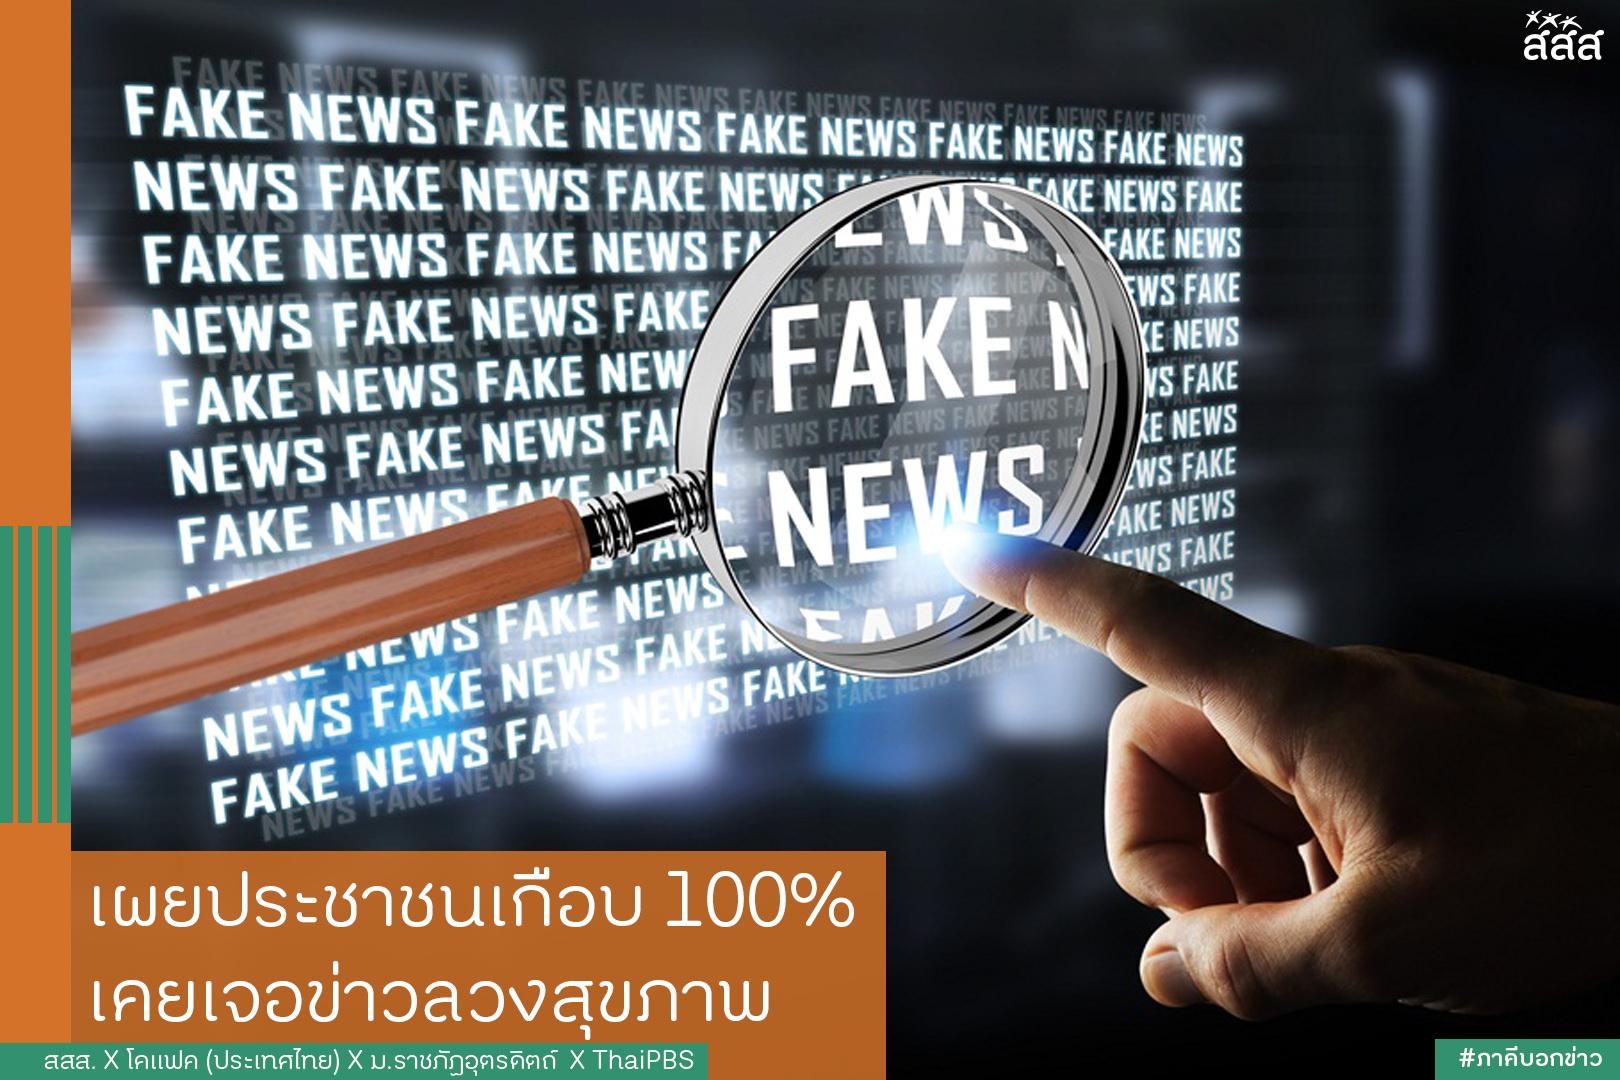 เผยประชาชนเกือบ 100% เคยเจอข่าวลวงสุขภาพ thaihealth